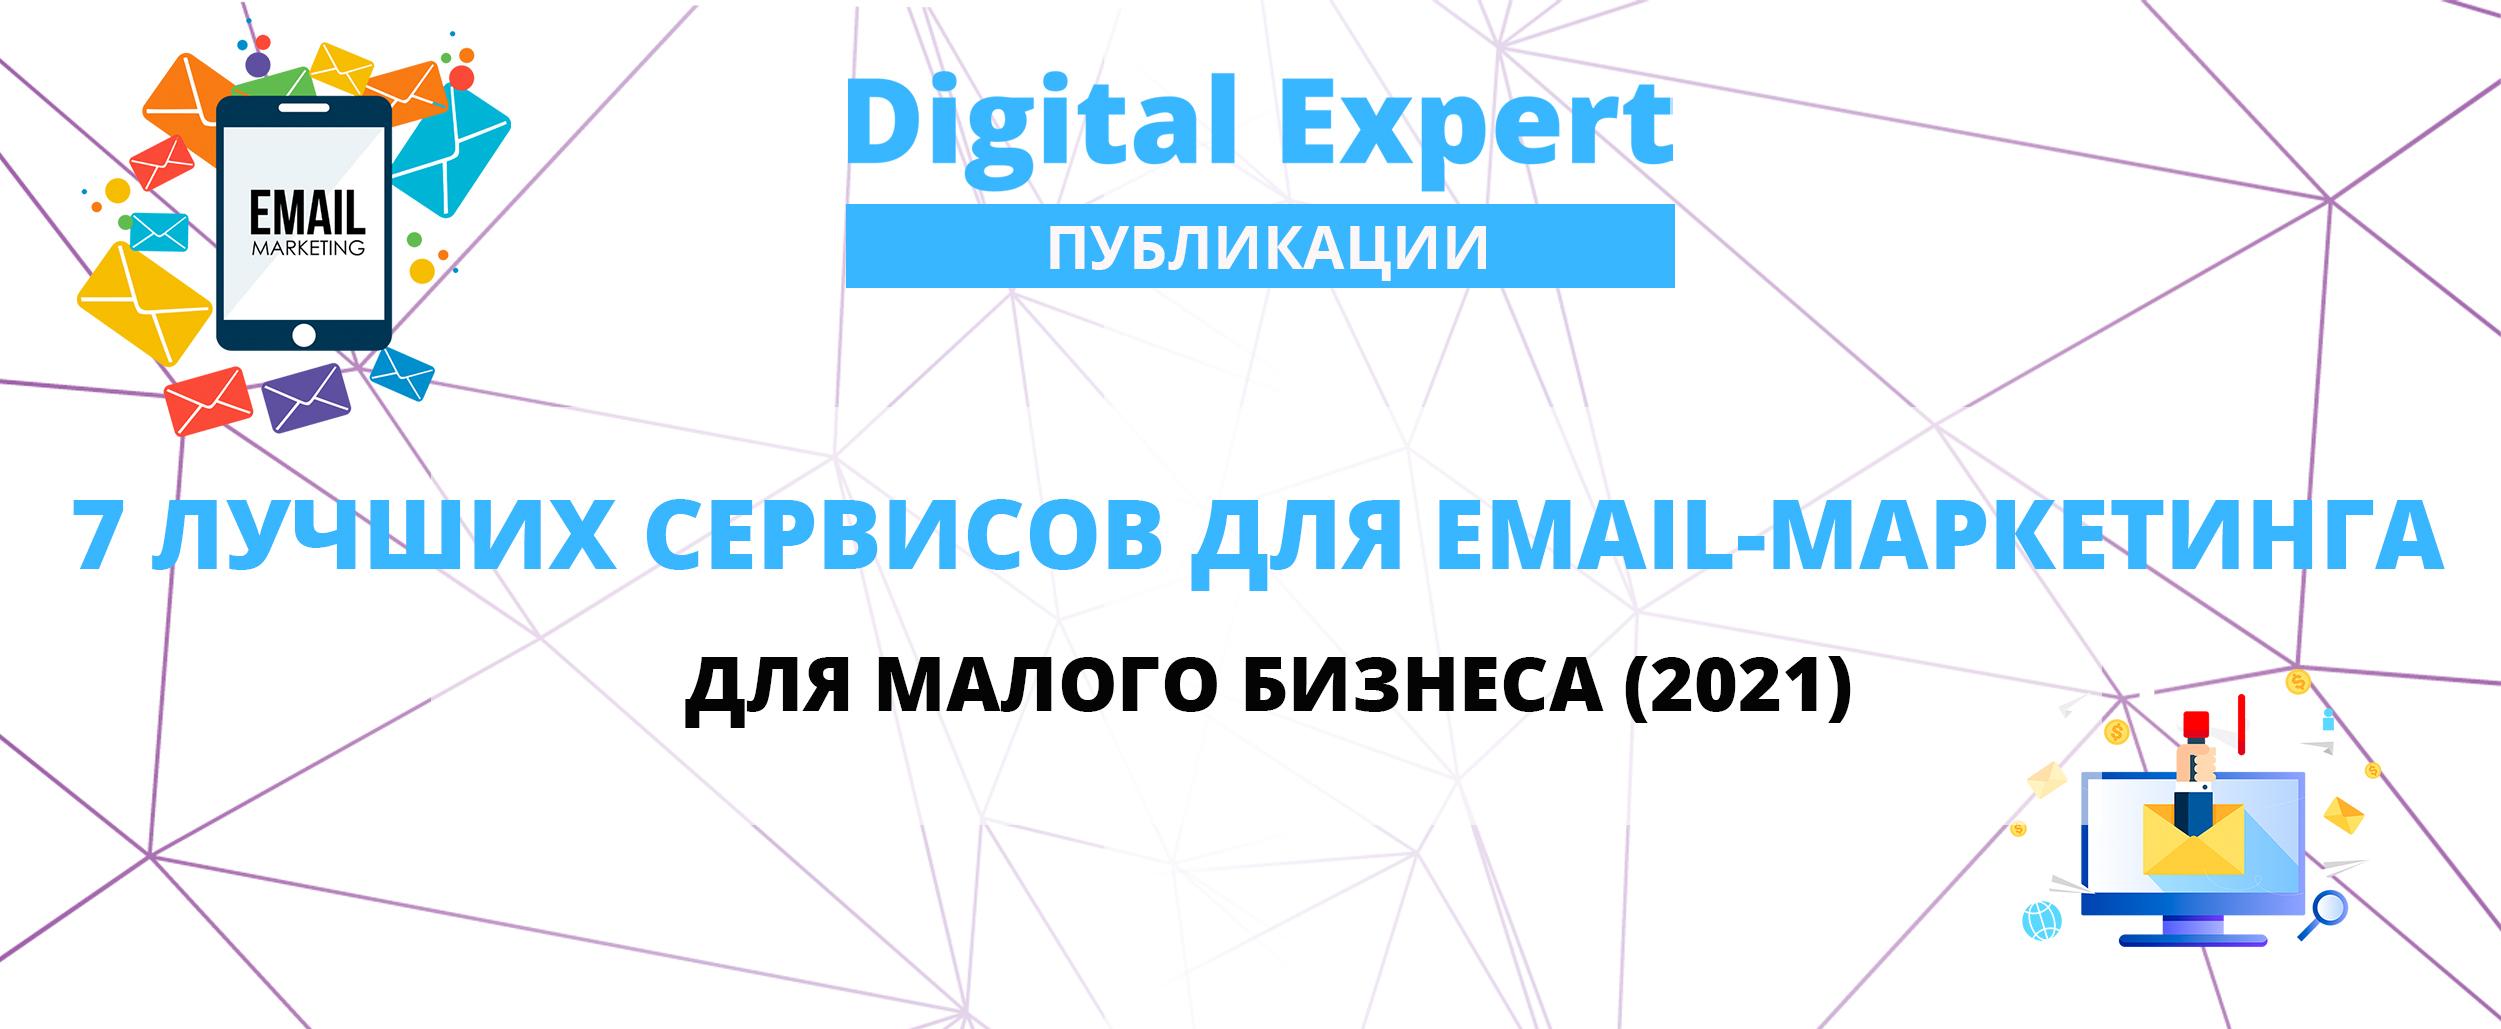 Топ 7 лучших сервисов email-маркетинга для малого бизнеса по сравнению 2021